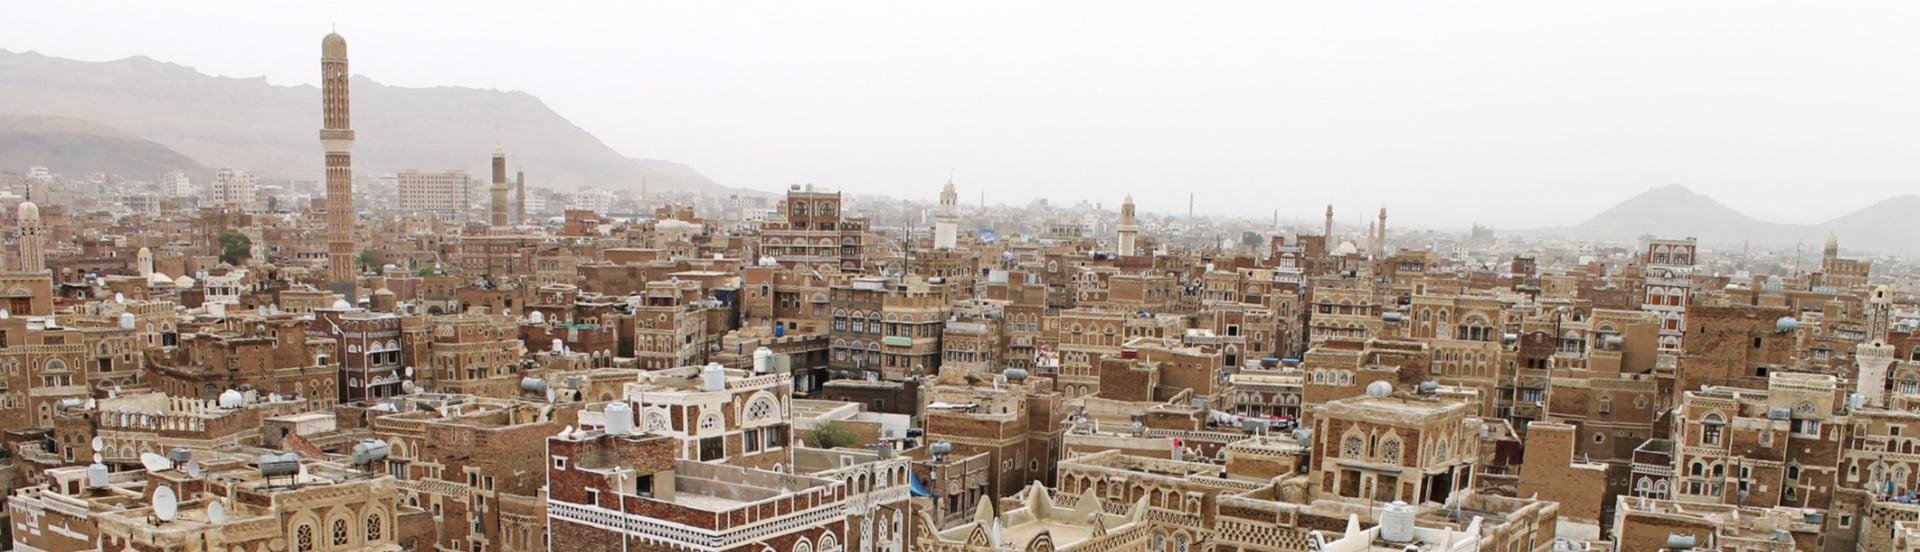 kingsmill yemen